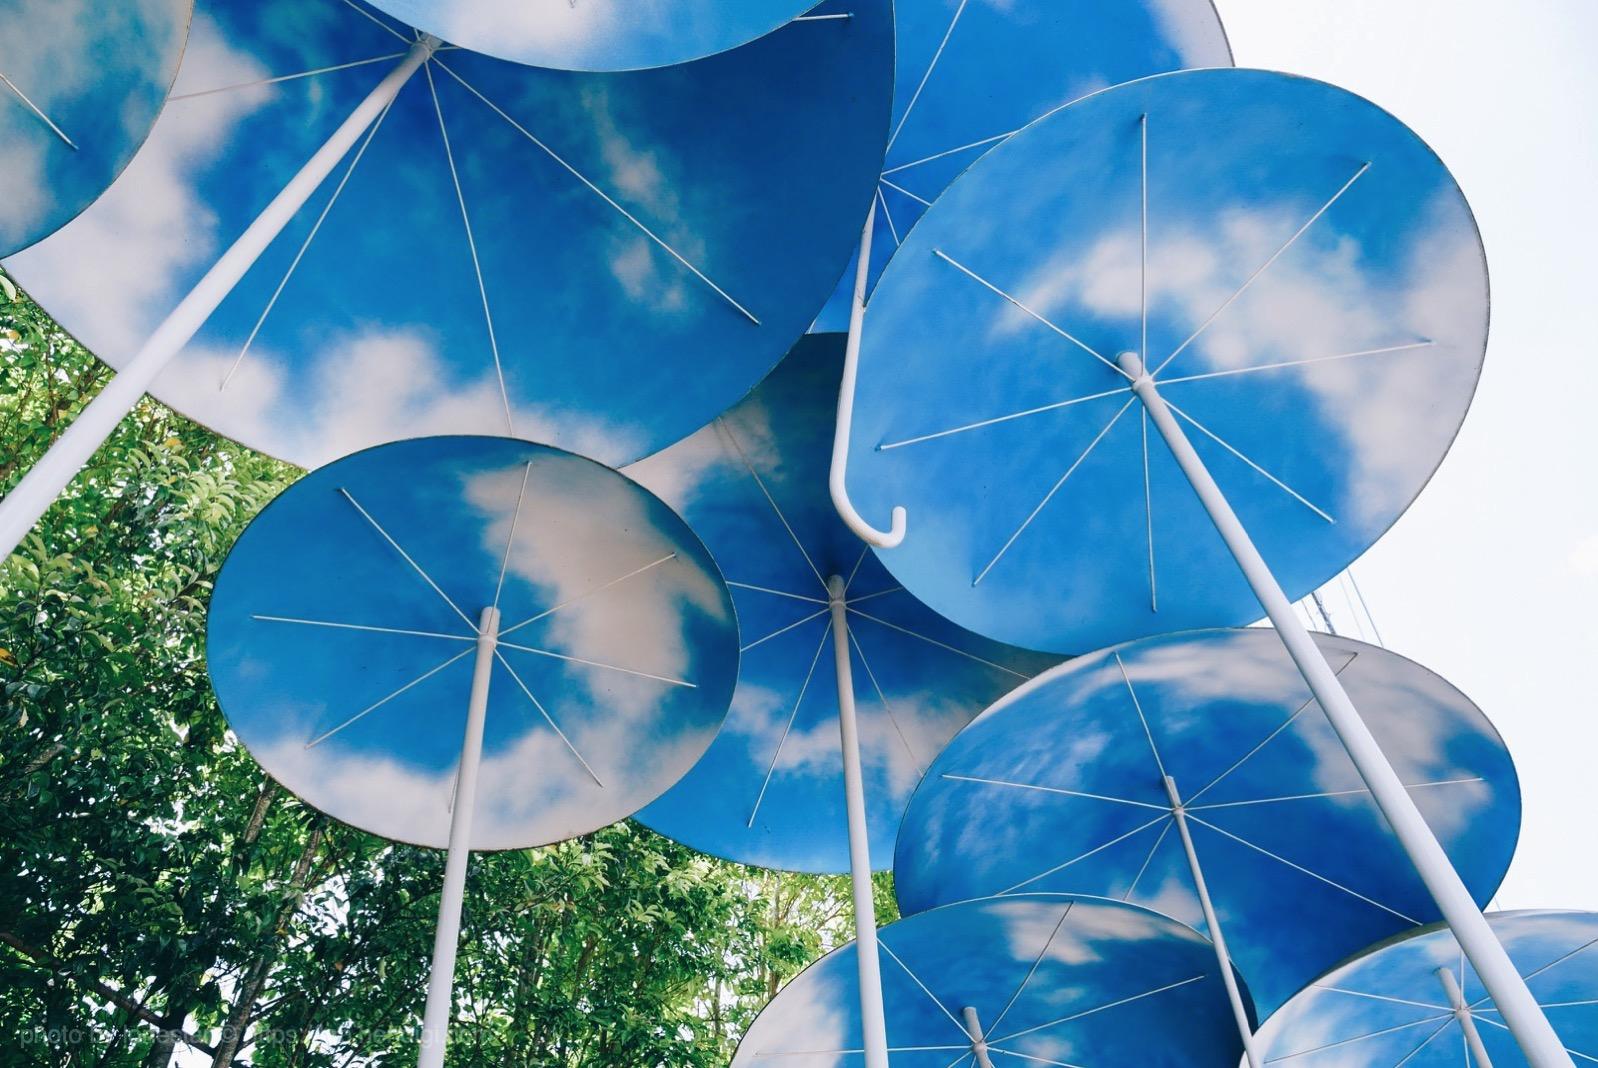 ニコエ バス停 傘